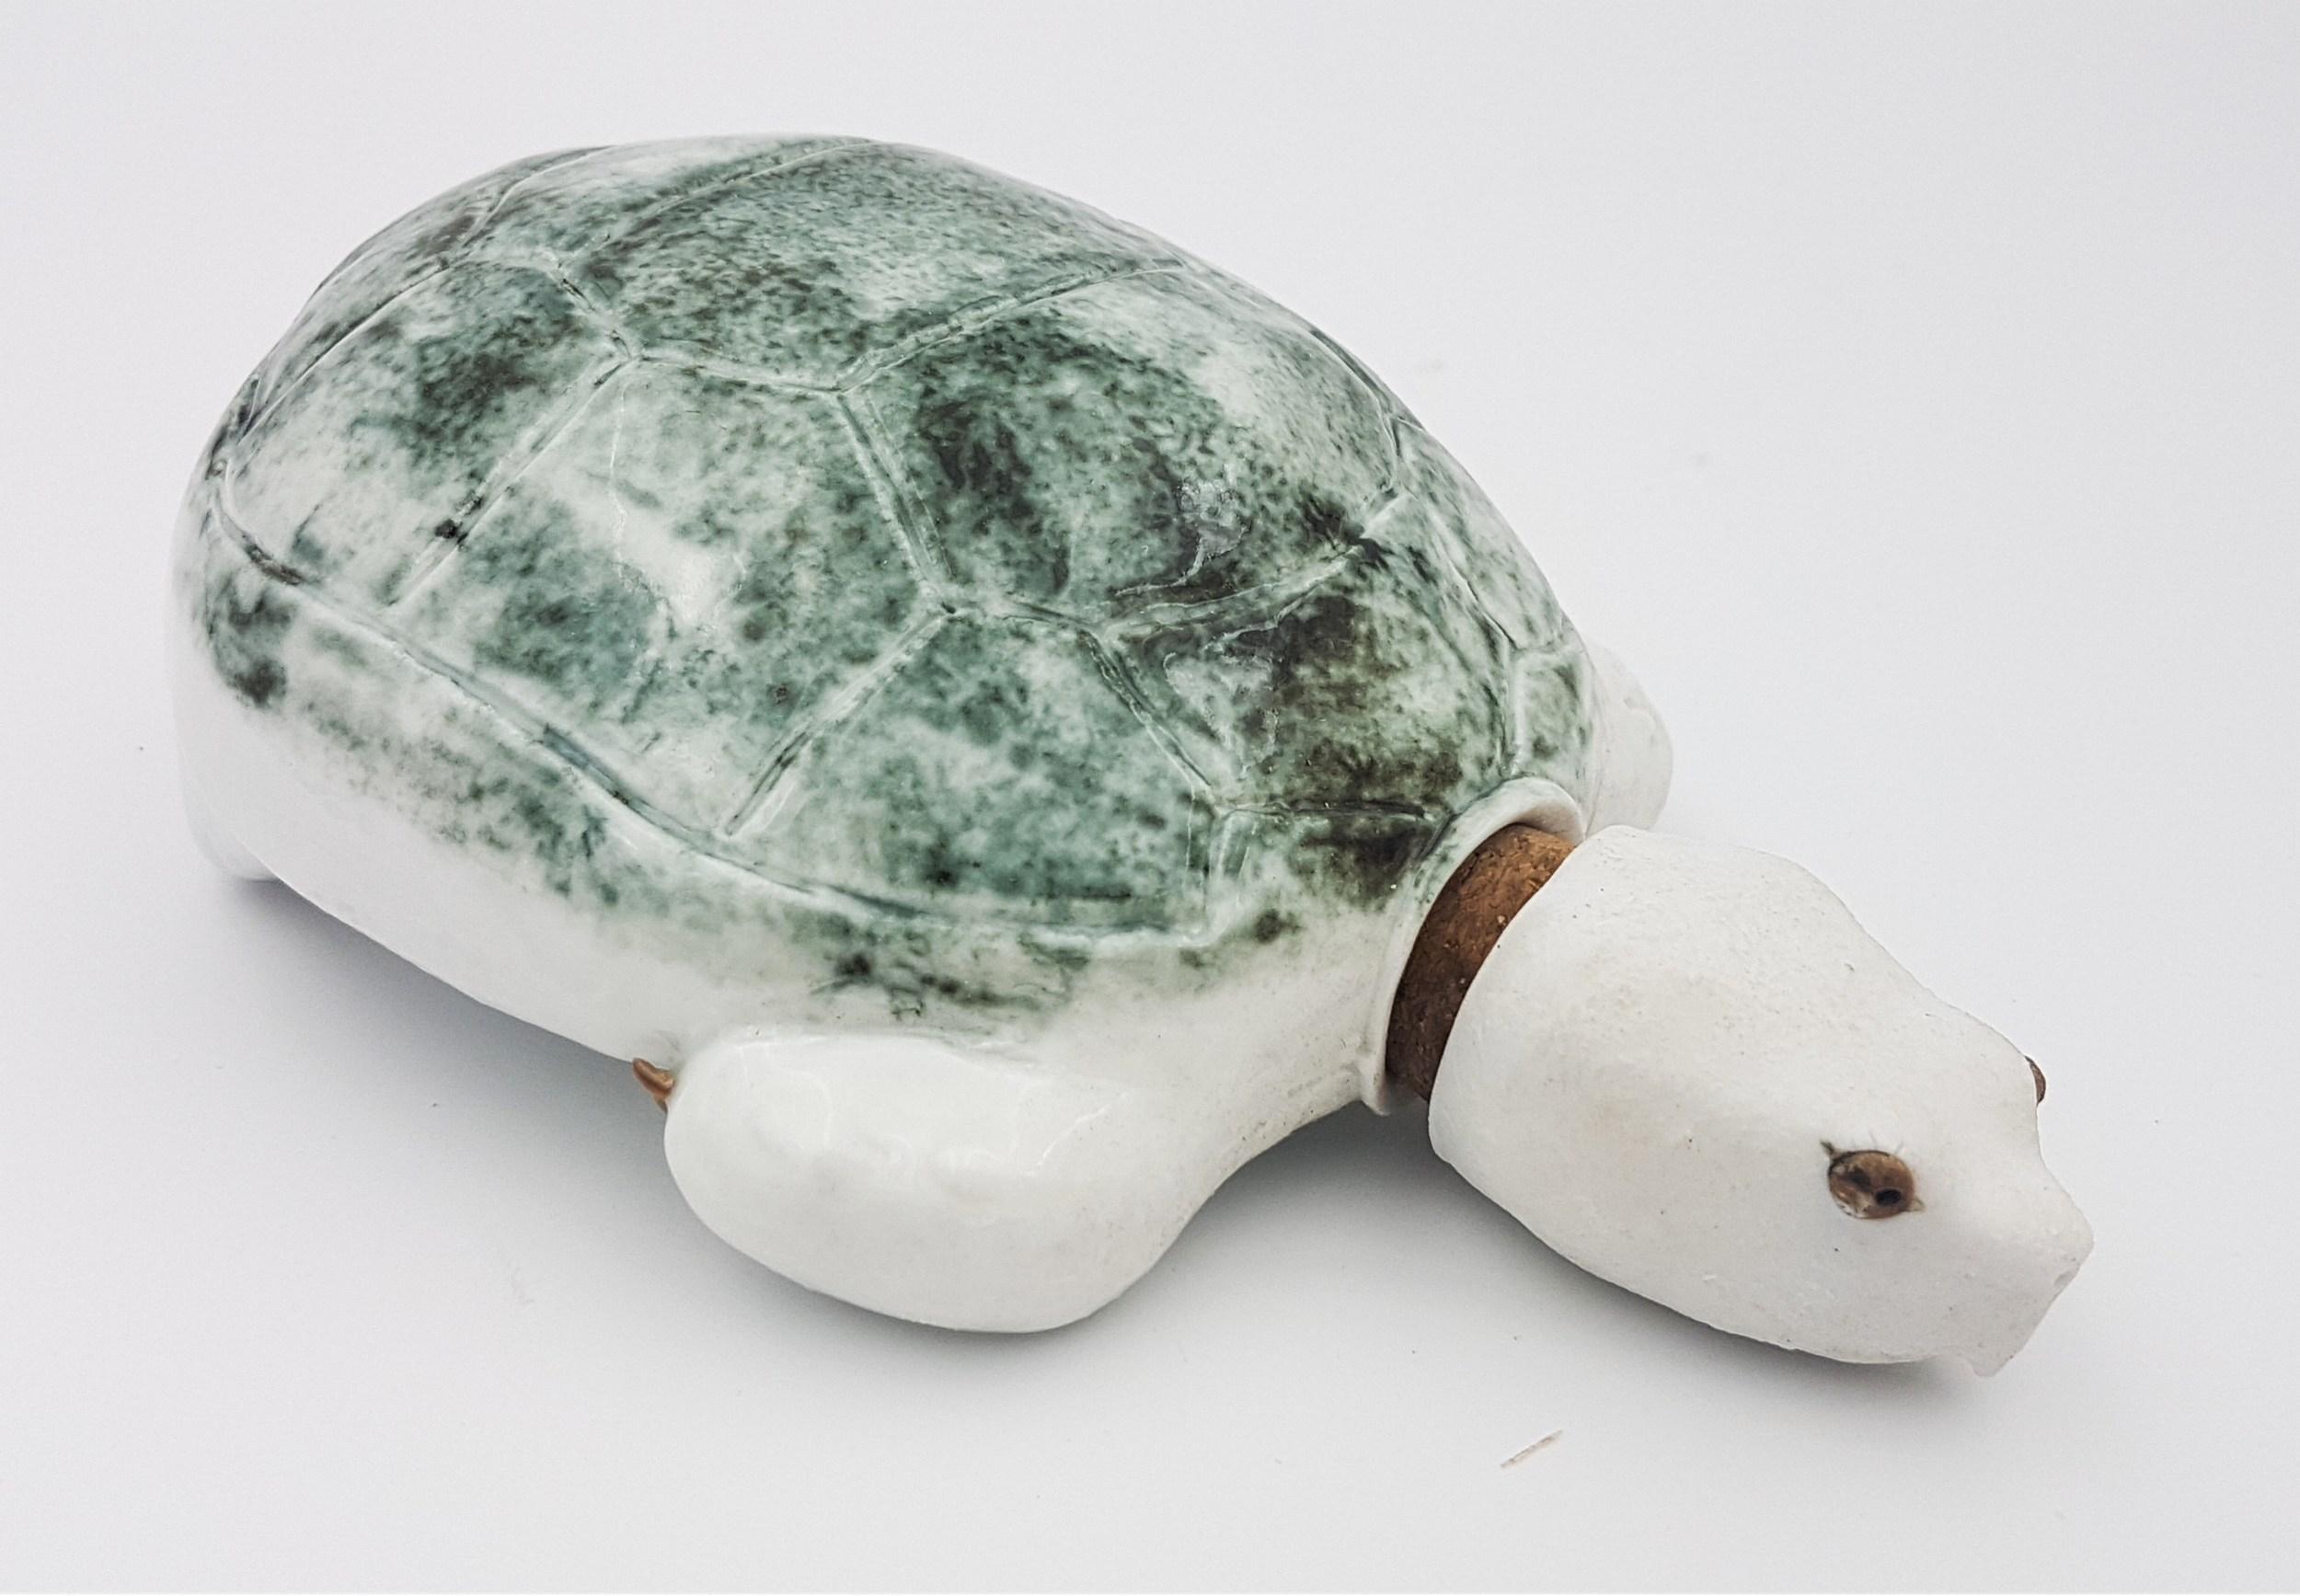 Green Turtle Flask